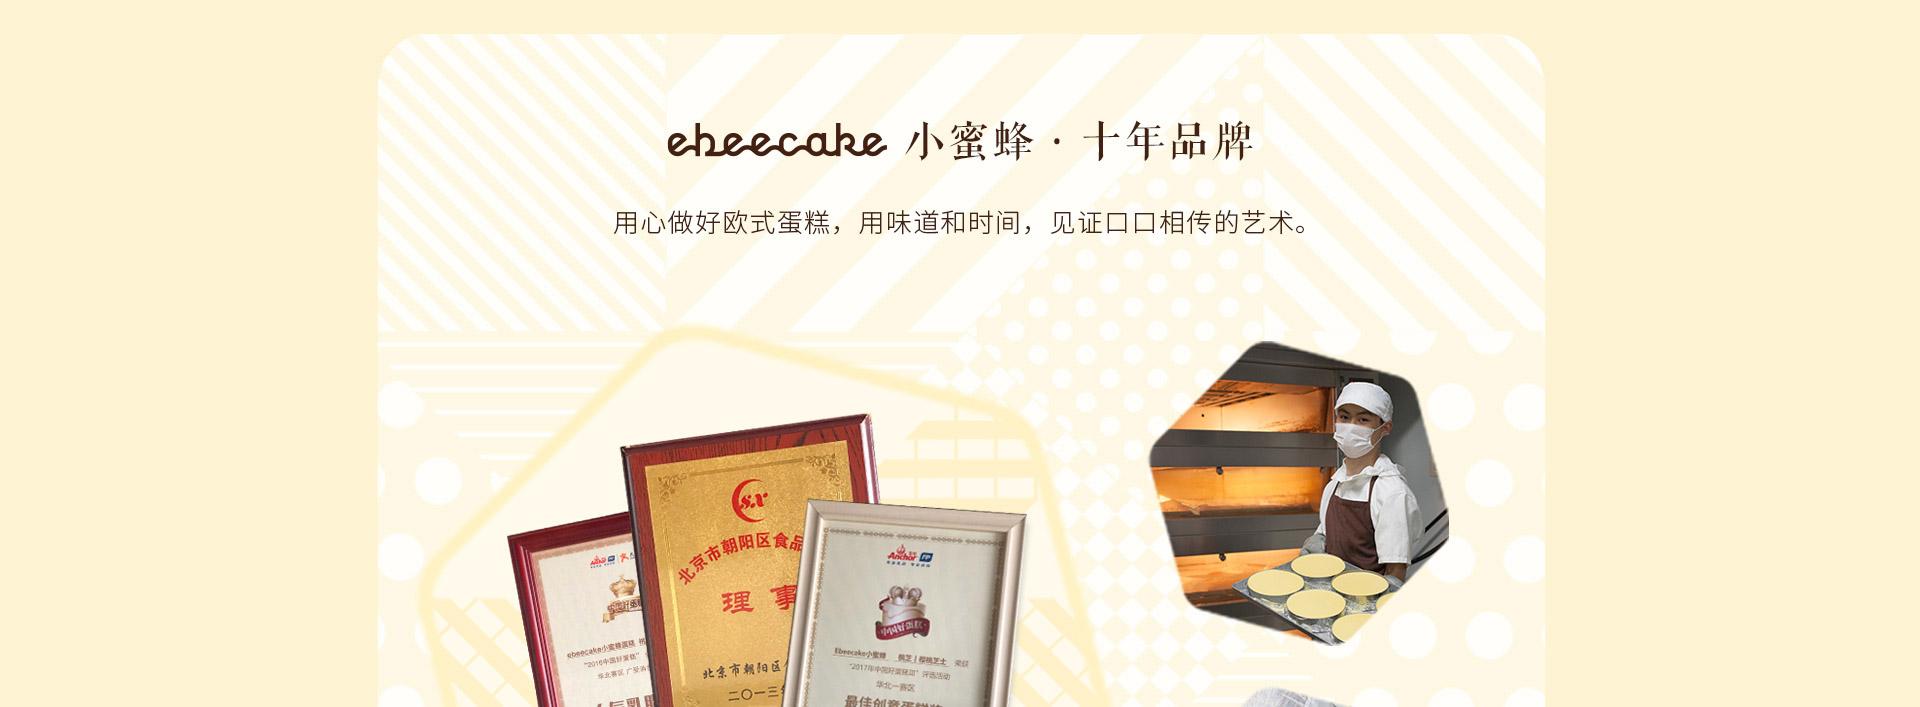 ebeecake小蜜蜂蛋糕 十年品牌